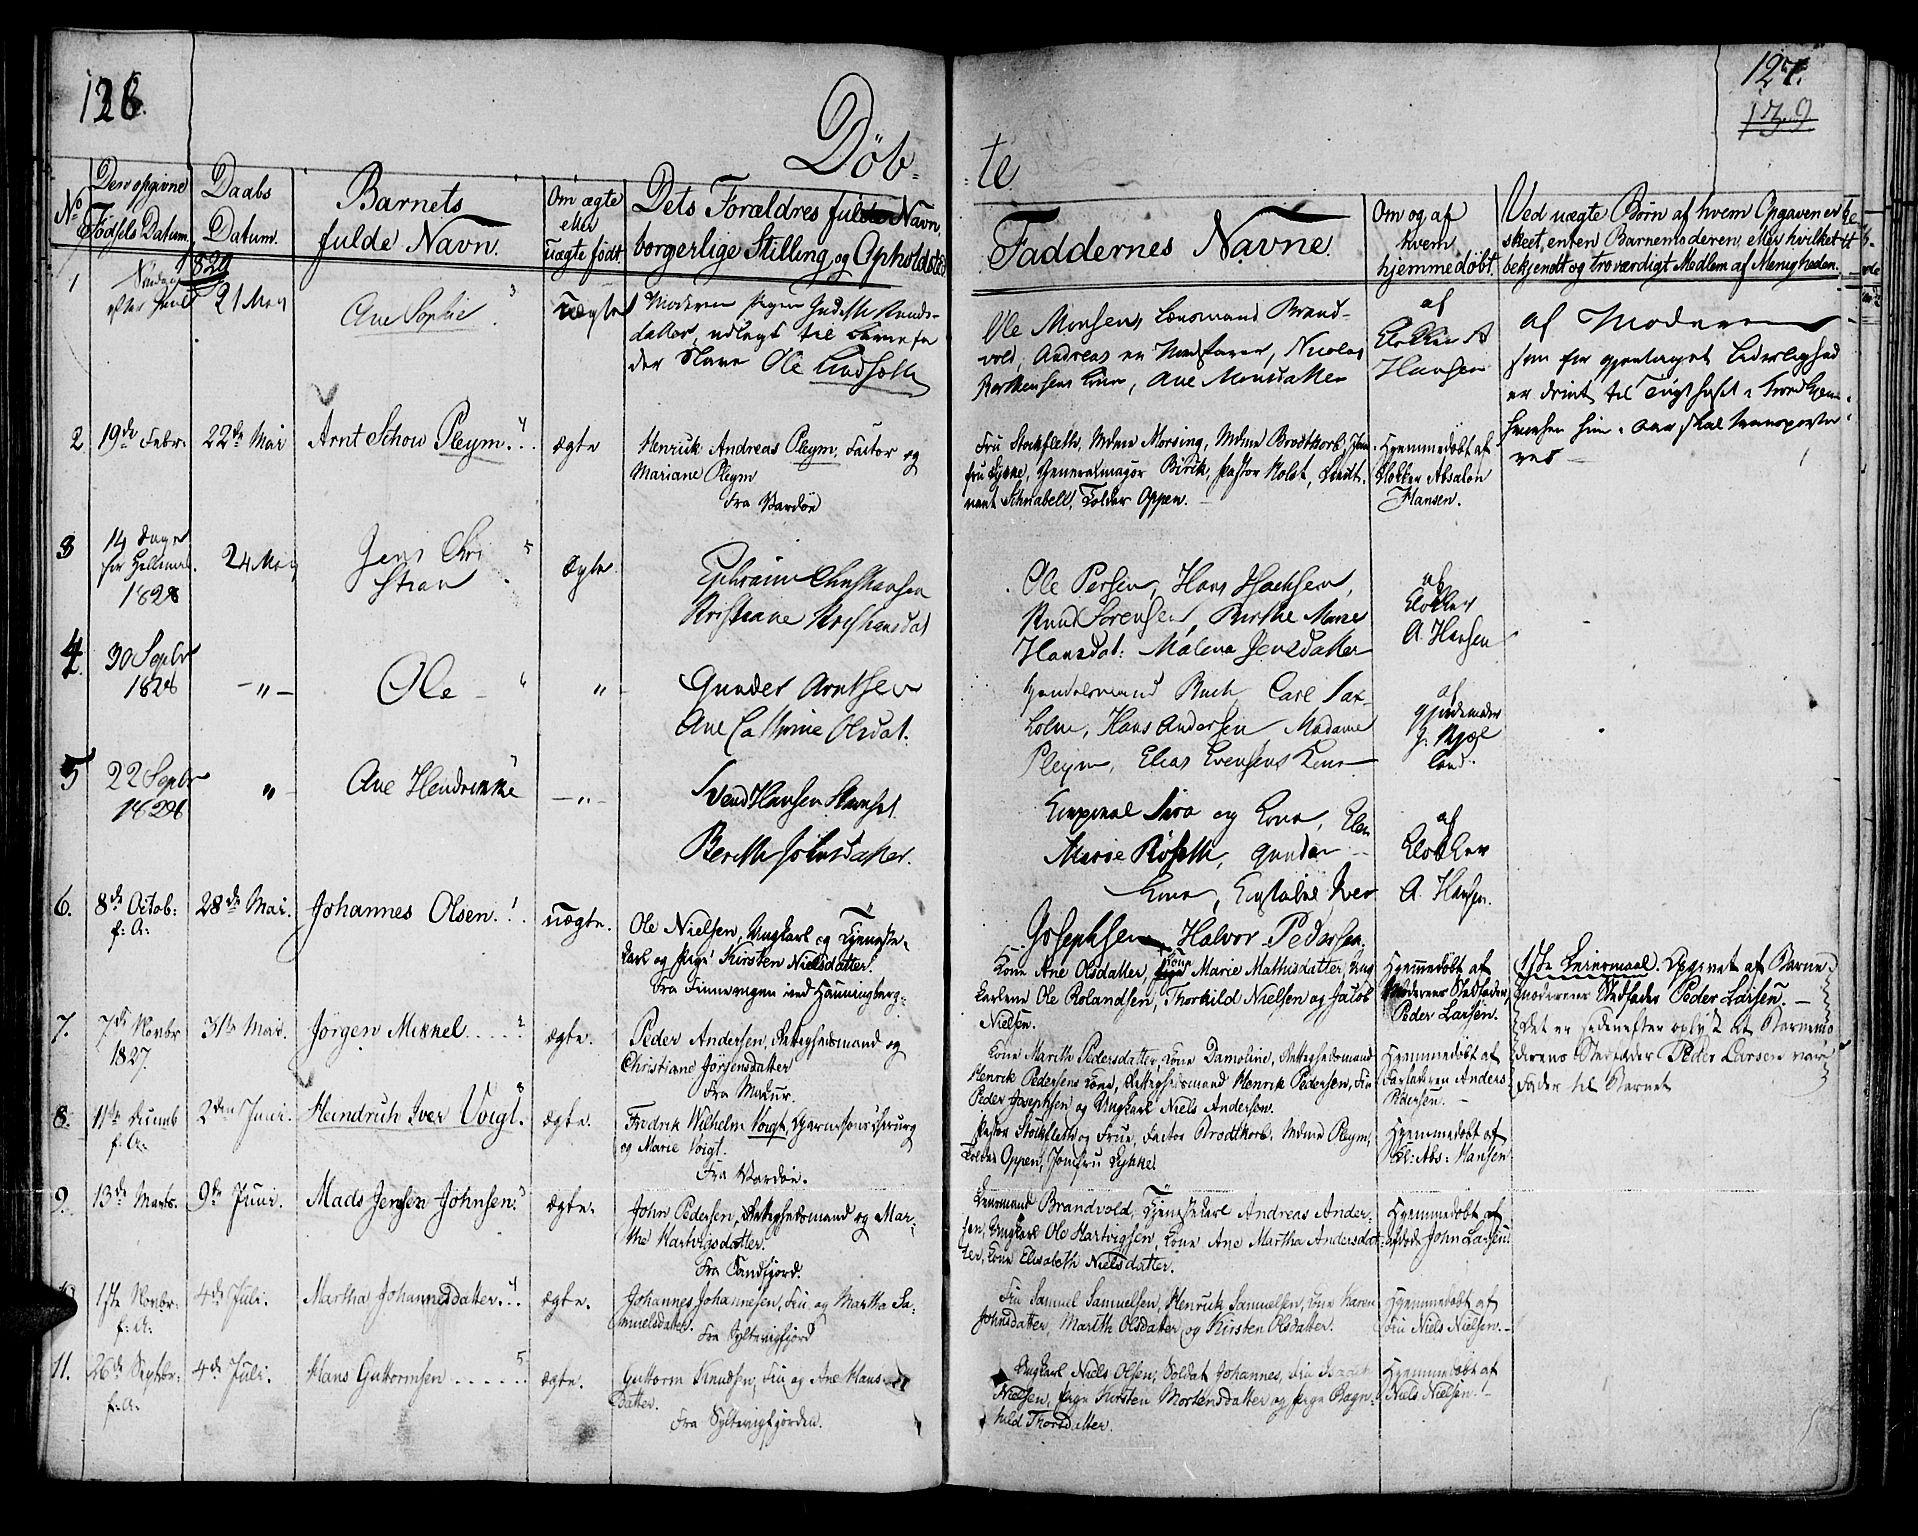 SATØ, Vardø sokneprestkontor, H/Ha/L0002kirke: Ministerialbok nr. 2, 1805-1842, s. 126-127